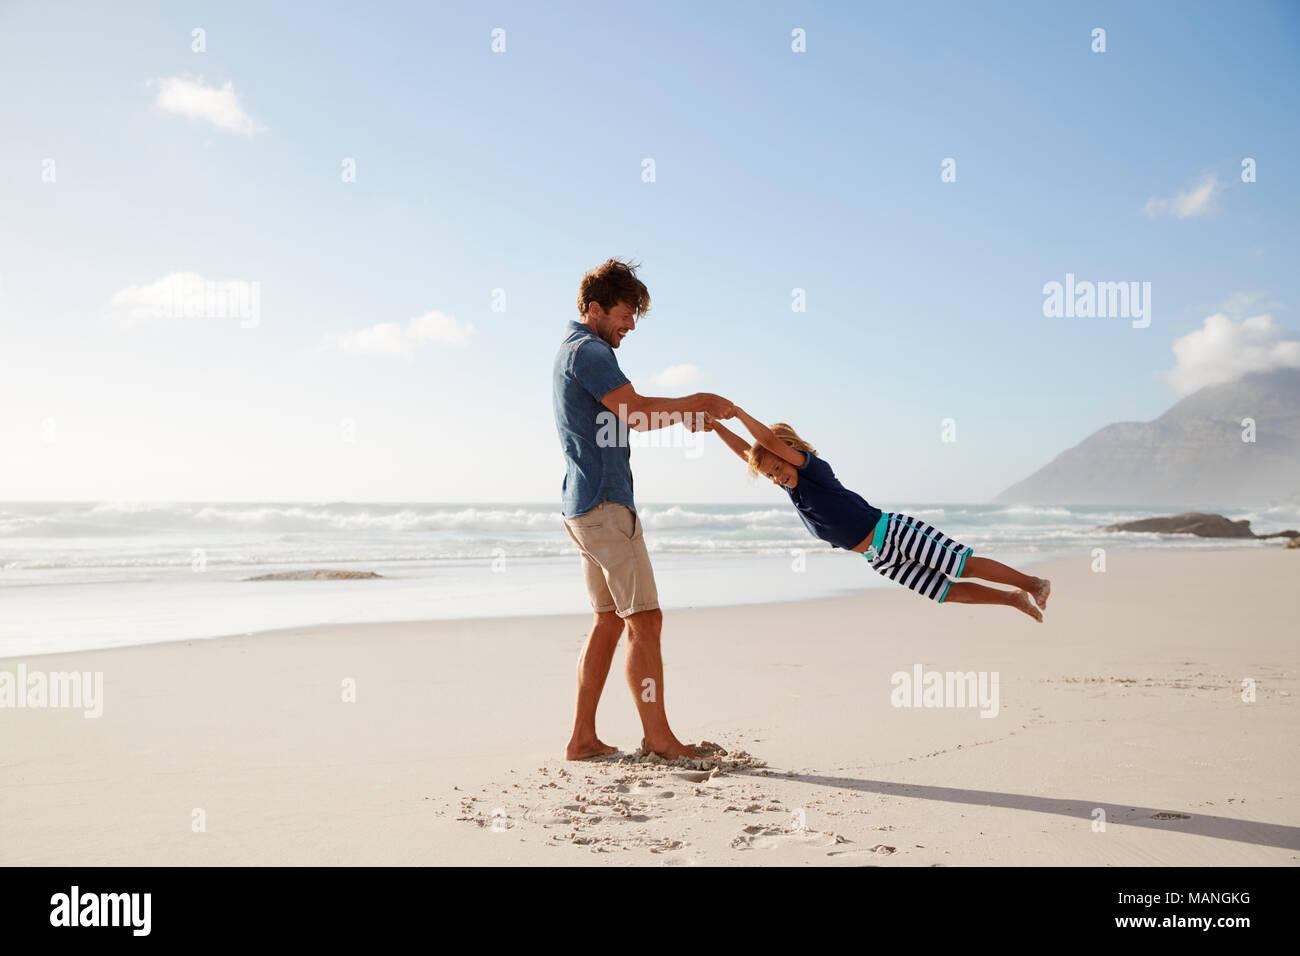 Padre Divirtiéndose con hijo en verano vacaciones de playa Foto de stock